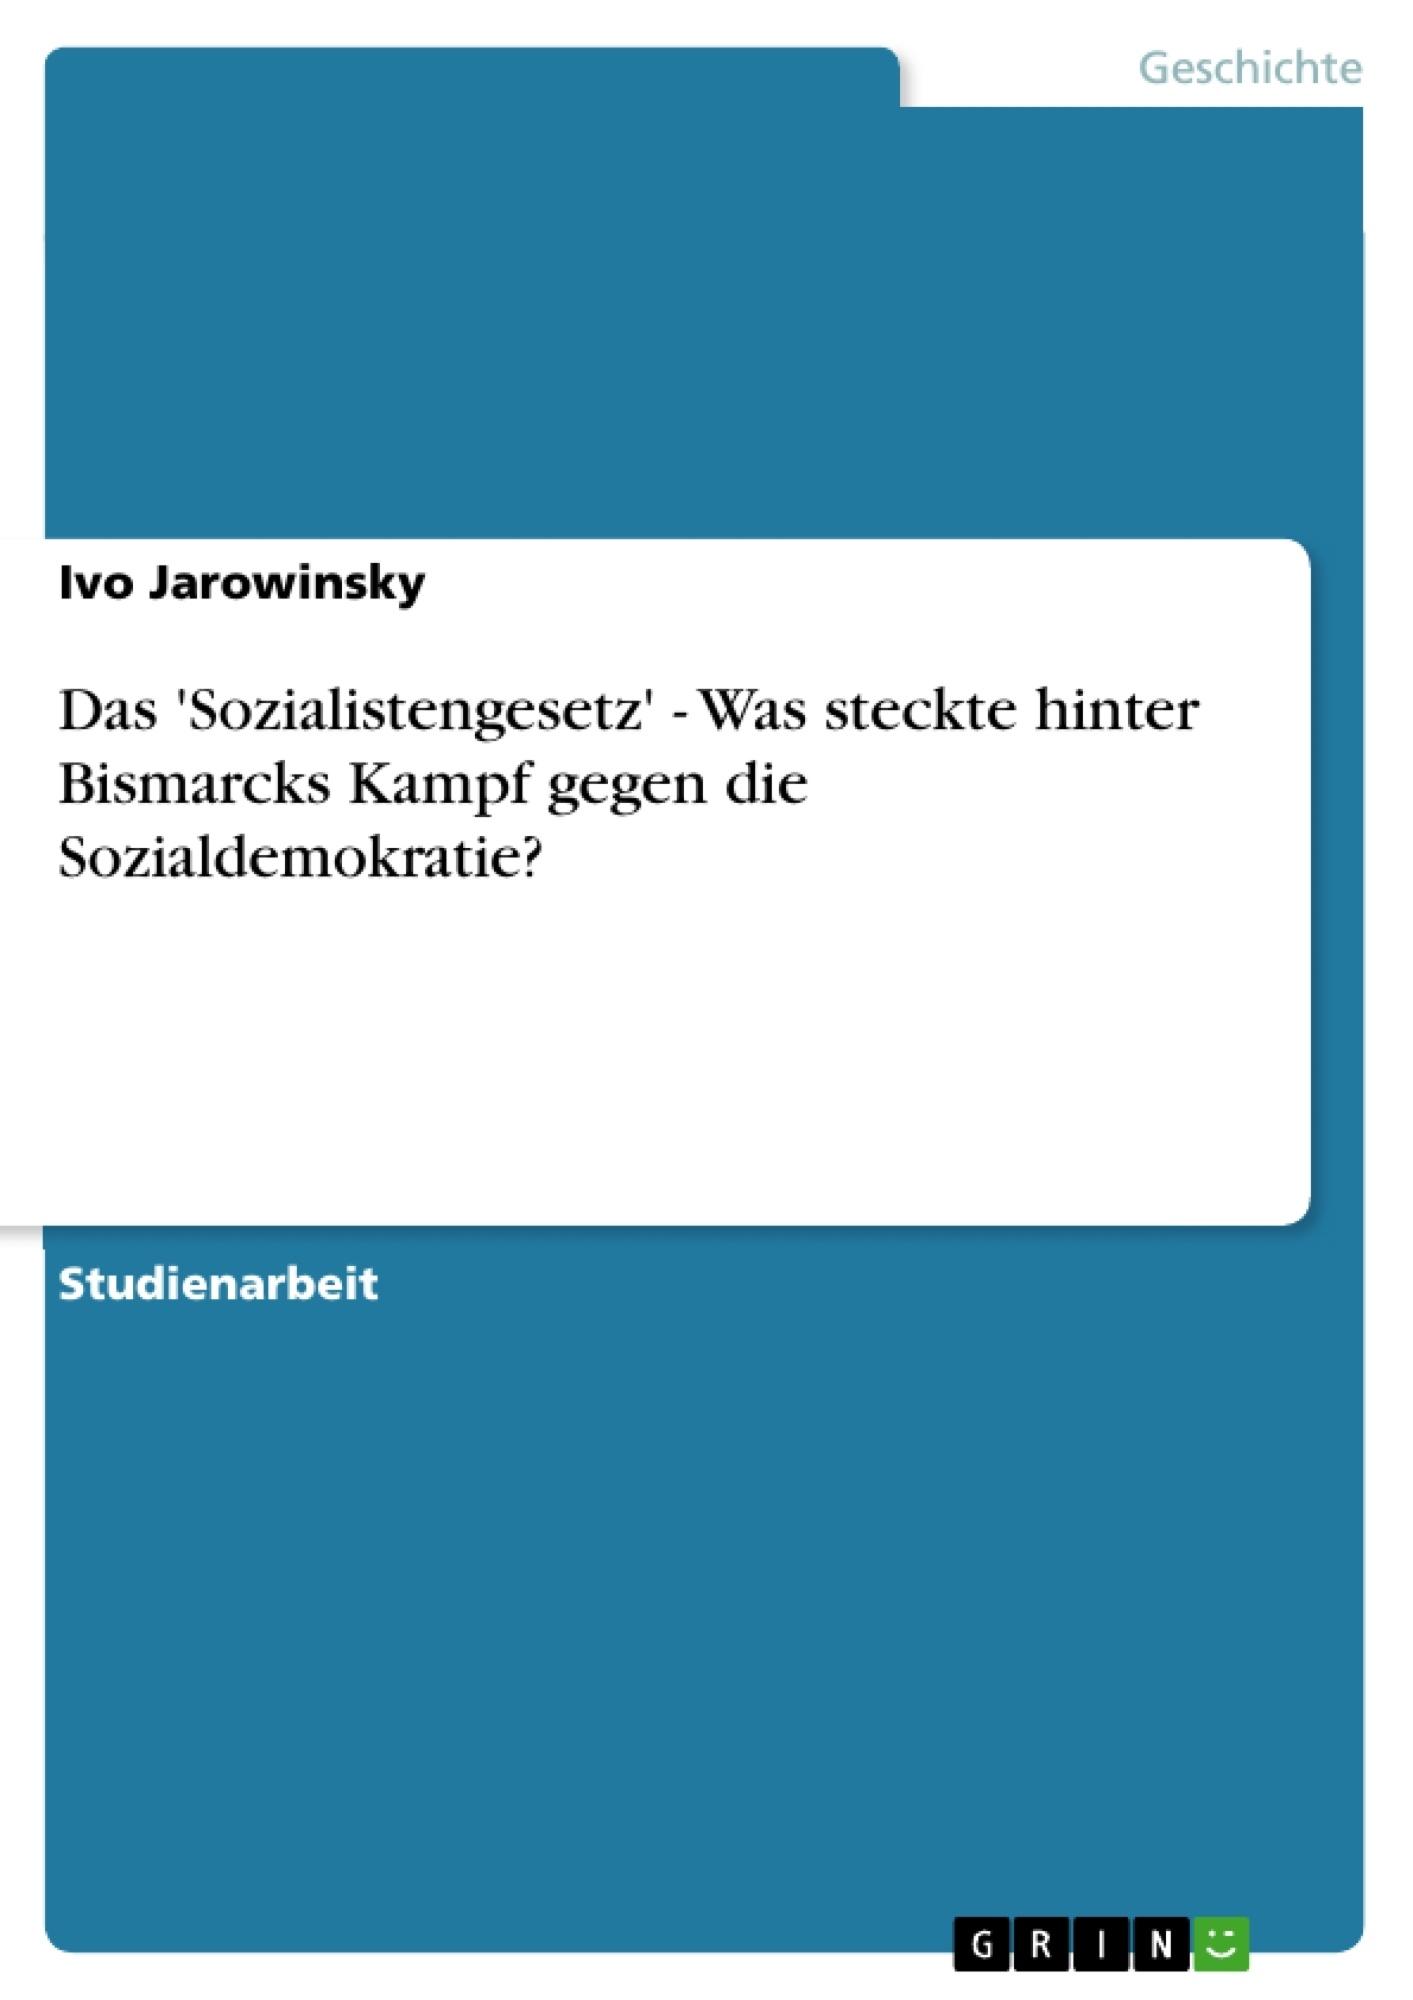 Titel: Das 'Sozialistengesetz' - Was steckte hinter Bismarcks Kampf gegen die Sozialdemokratie?